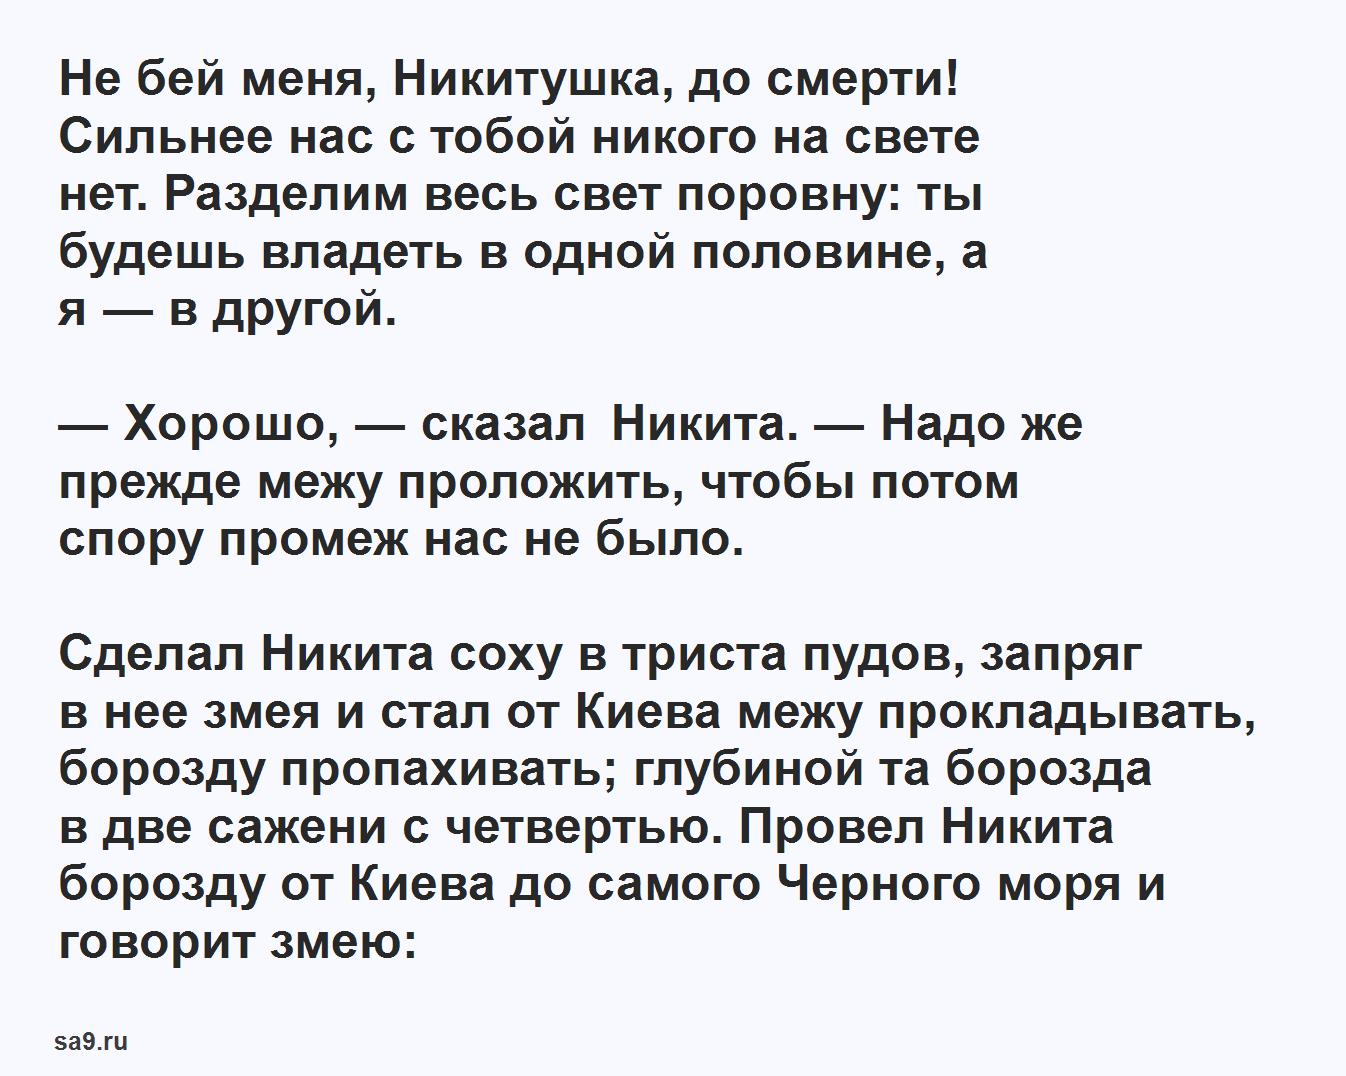 Читать русскую народную сказку - Никита Кожемяка, для детей